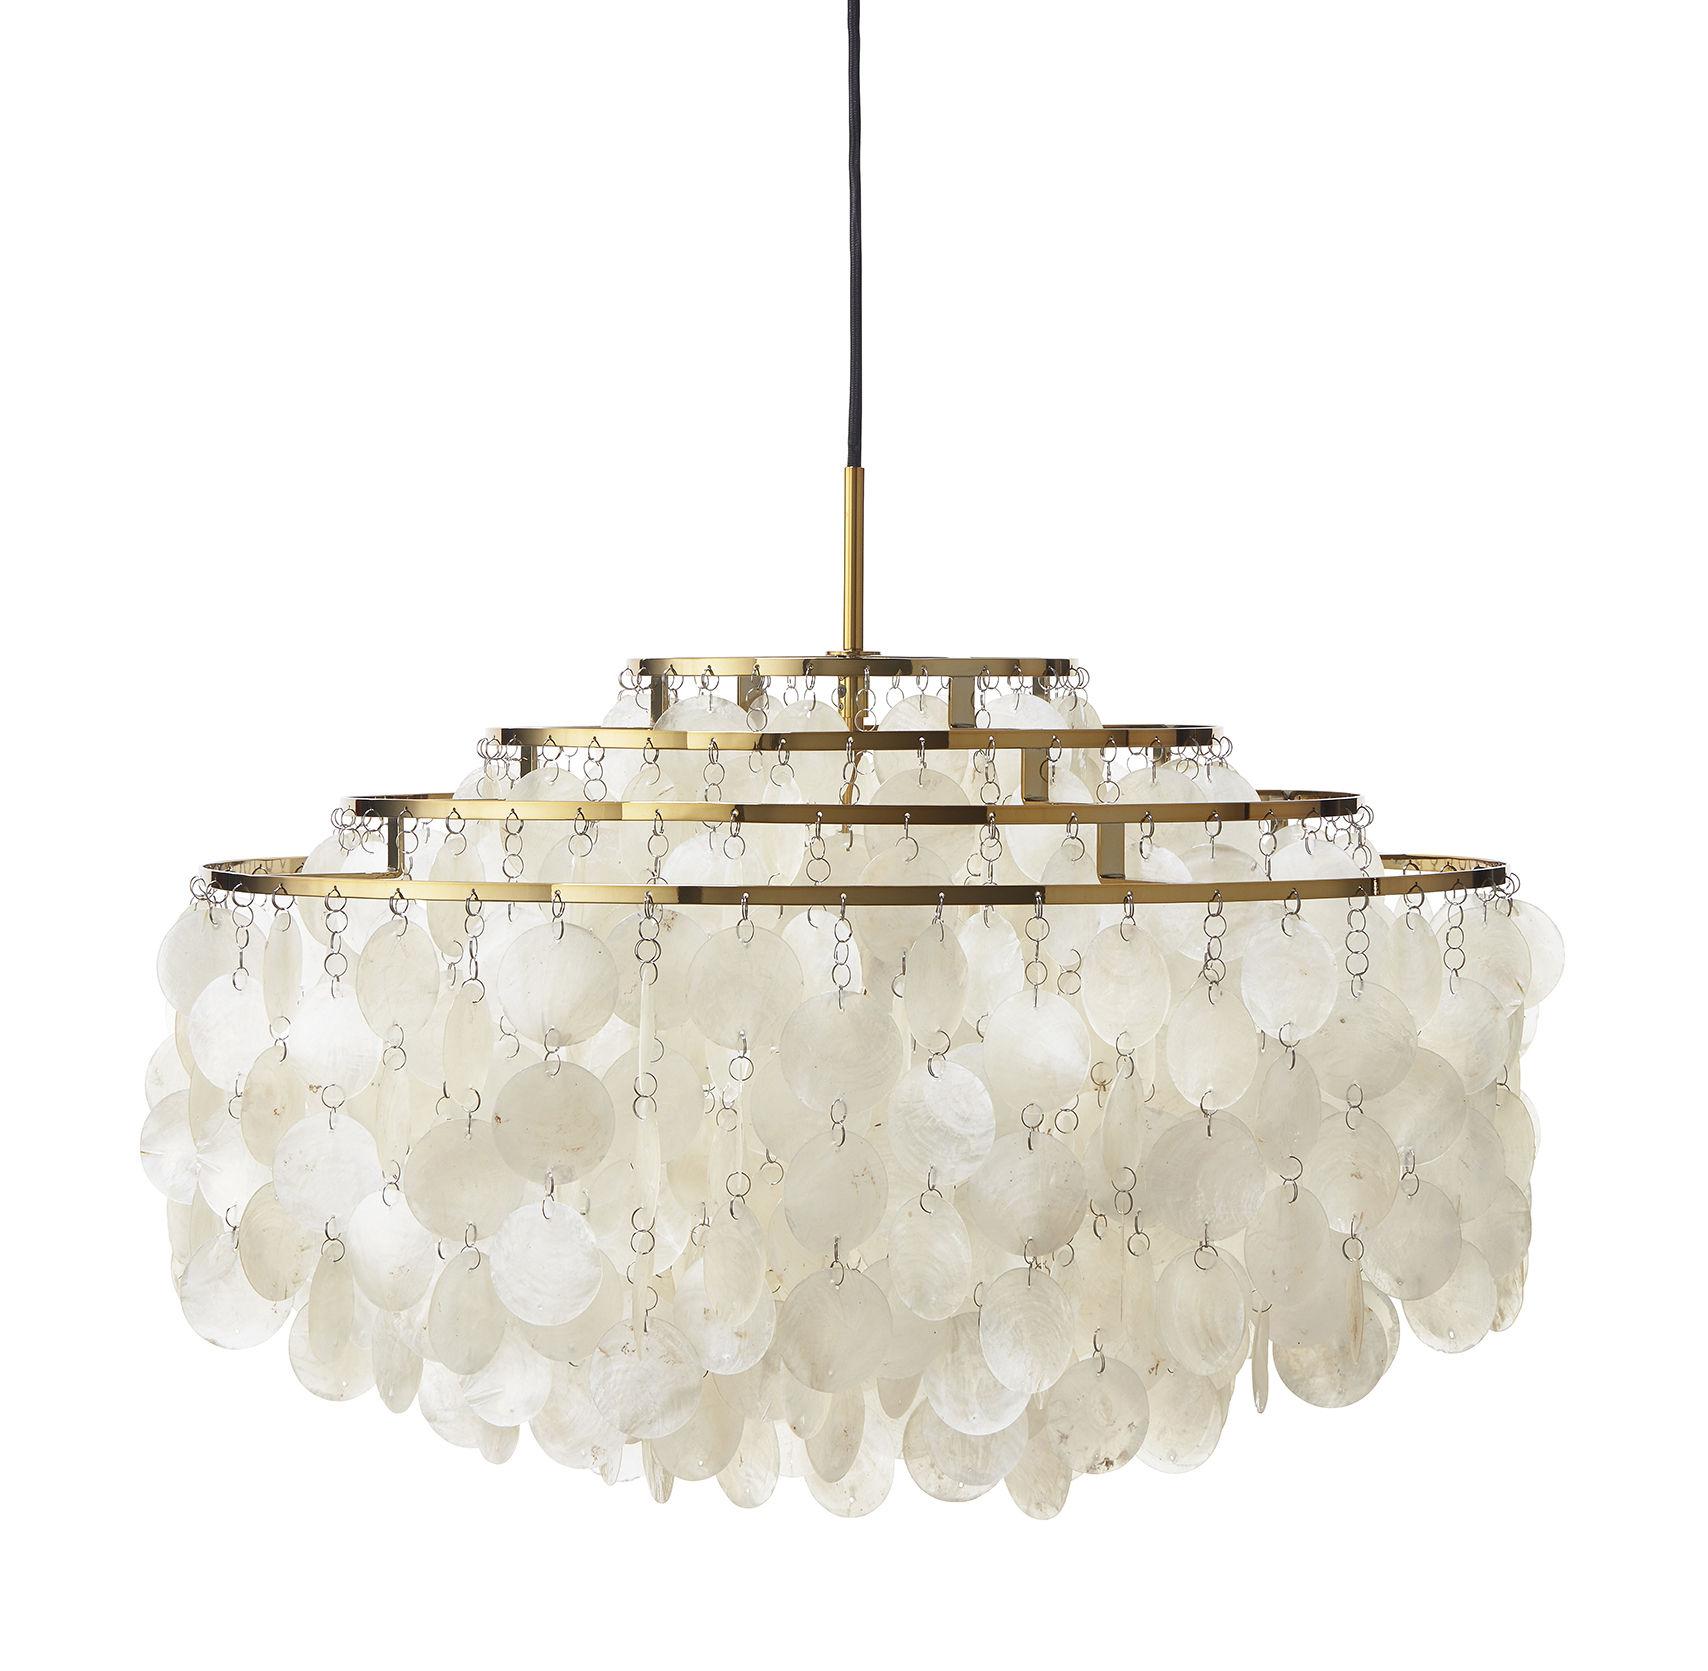 Illuminazione - Lampadari - Sospensione Fun 10DM / Ø 57 cm - Panton 1964 - Verpan - Madreperla & ottone - Madreperla, Metallo